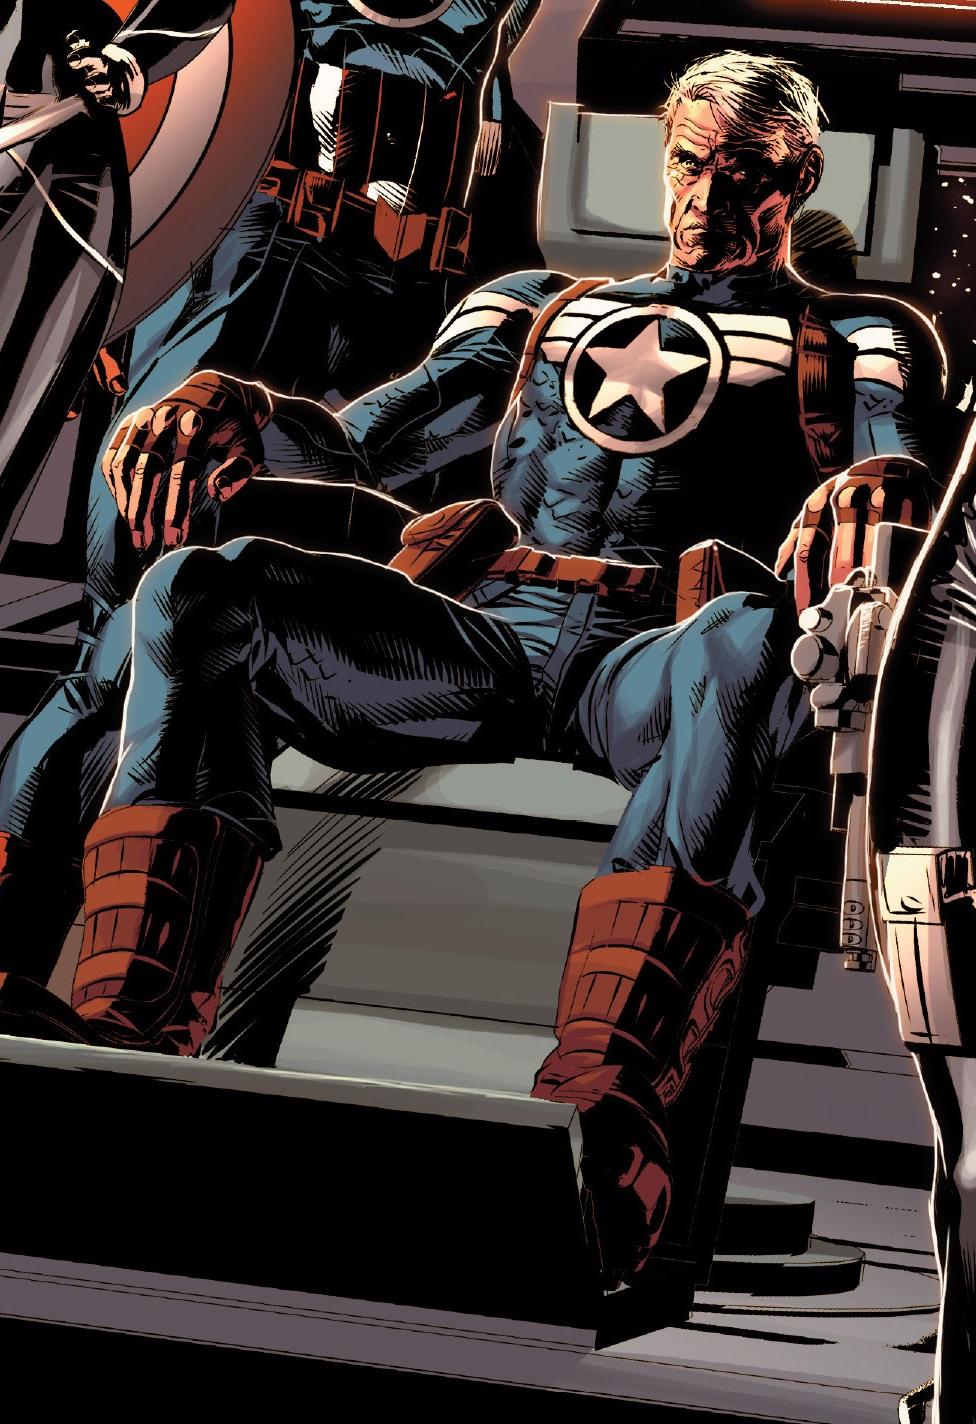 [img]https://vignette.wikia.nocookie.net/marveldatabase/images/6/6f/Steven_Rogers_%28Earth-616%29_from_Avengers_Vol_5_37.jpg/revision/latest?cb=20141022231142[/img]